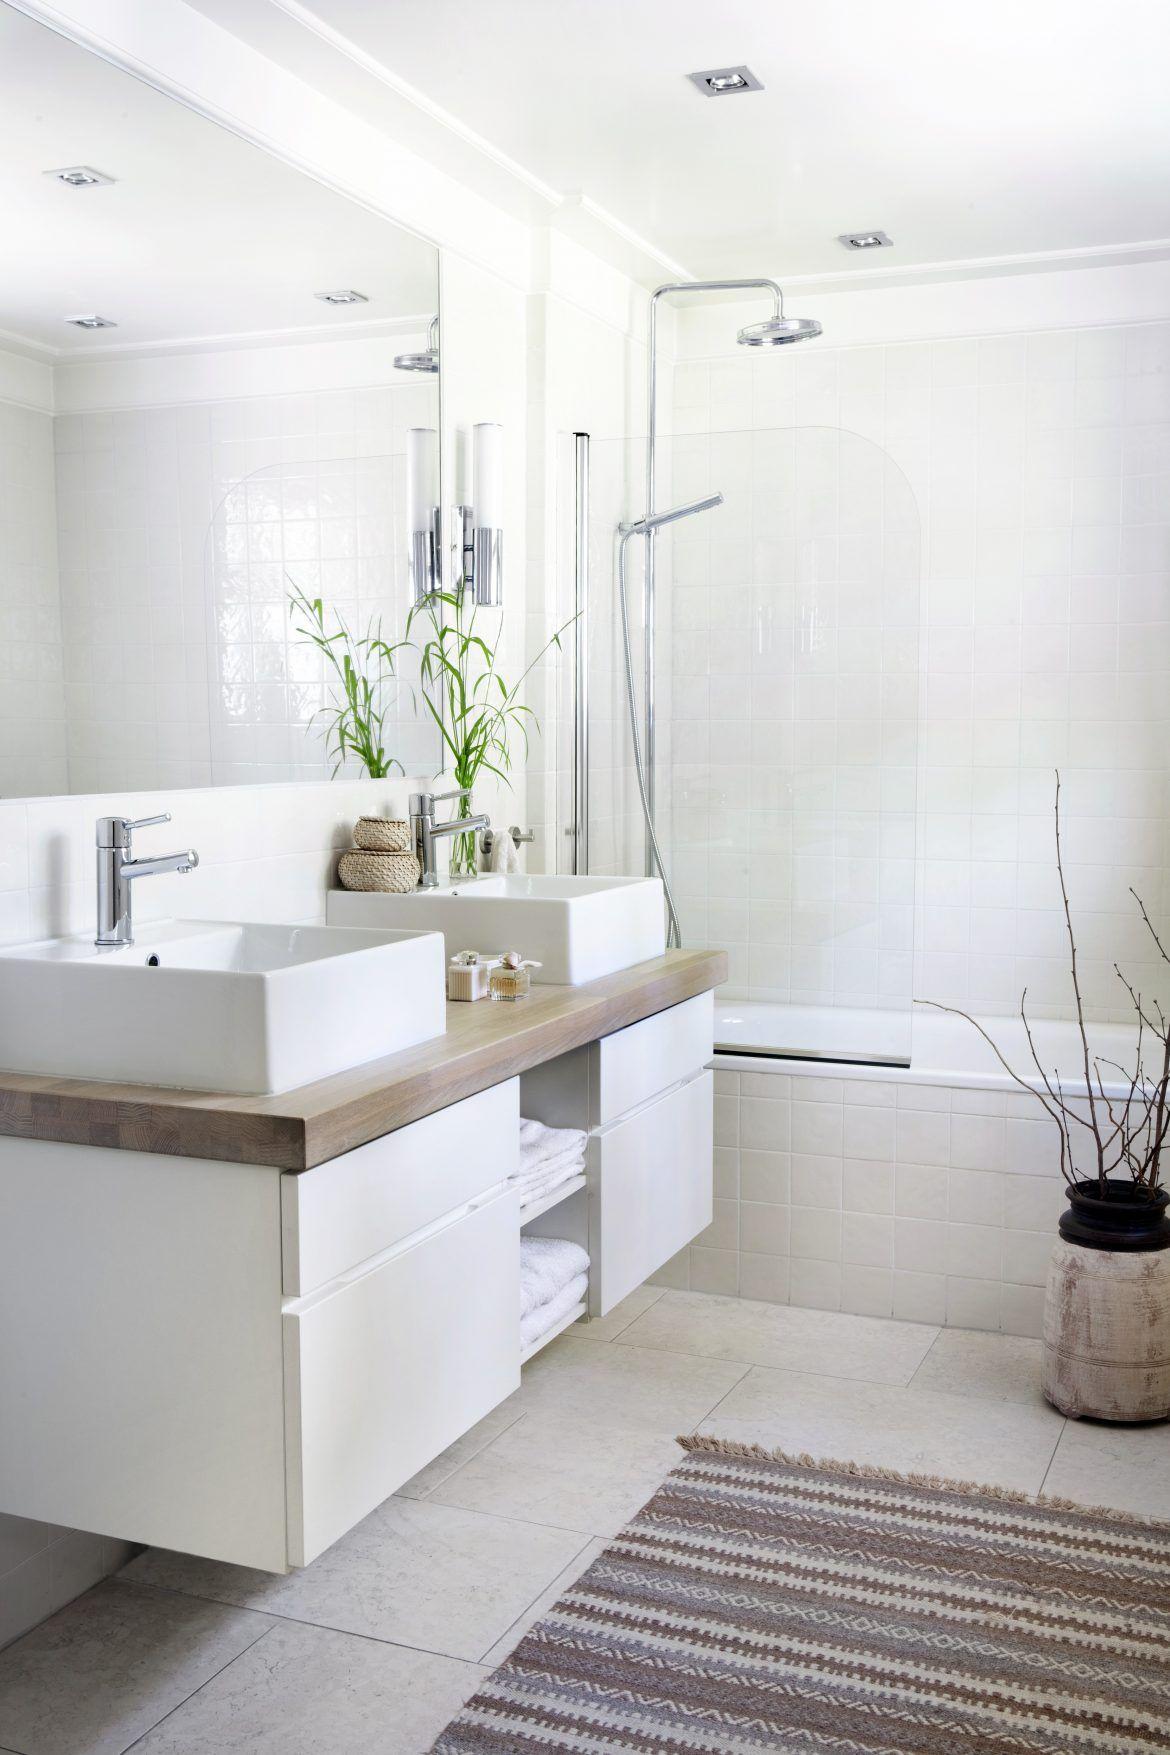 Salle De Bain Brique De Parement ~ Pour Une Salle De Bains Scandinave Monochrome Minimalist Bathroom